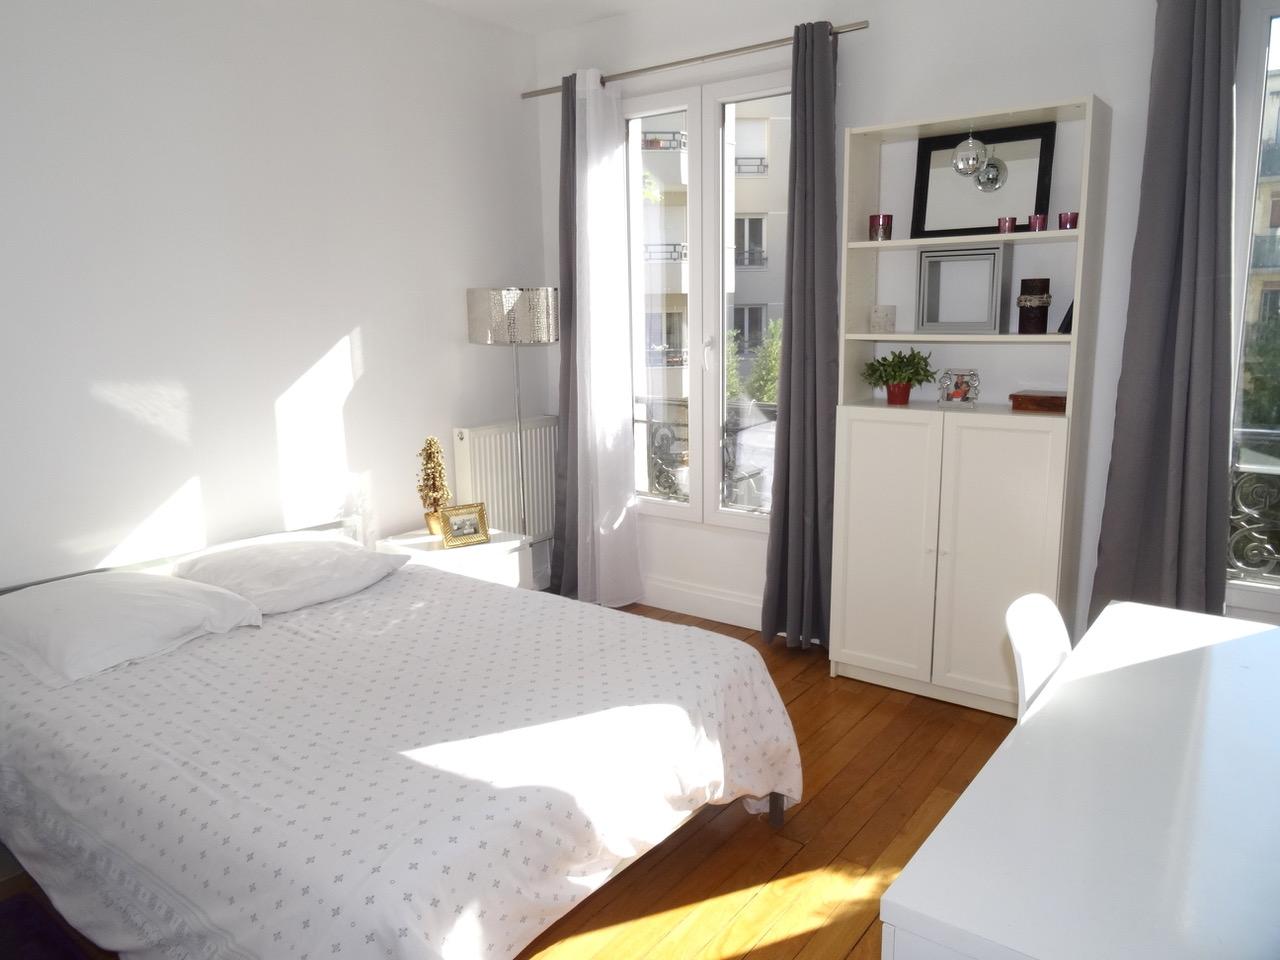 la-clef-des-villes-arnaud-mascarel-agence-immobiliere-chasseur-appartement- boulogne-billancourt-paris-16-villers-sur-mer-location-airbnb-conciergerie-estimation-gratuite-chambre